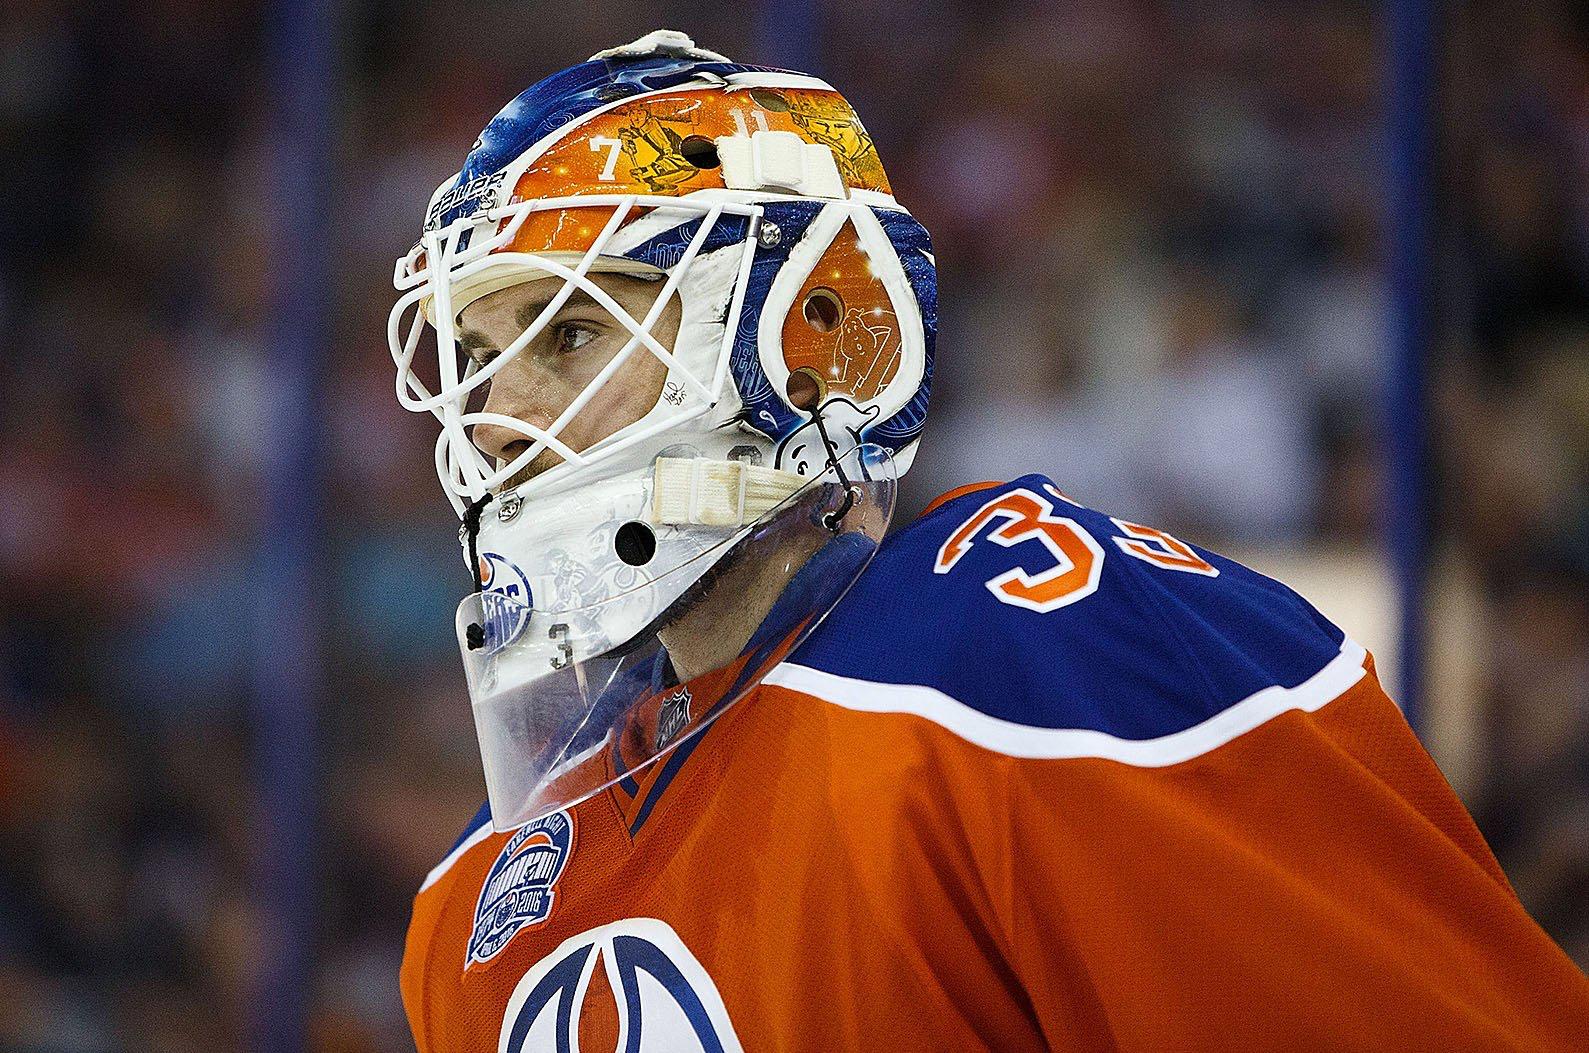 Pin by Jaae Ricard on Oilers Oilers hockey, Edmonton